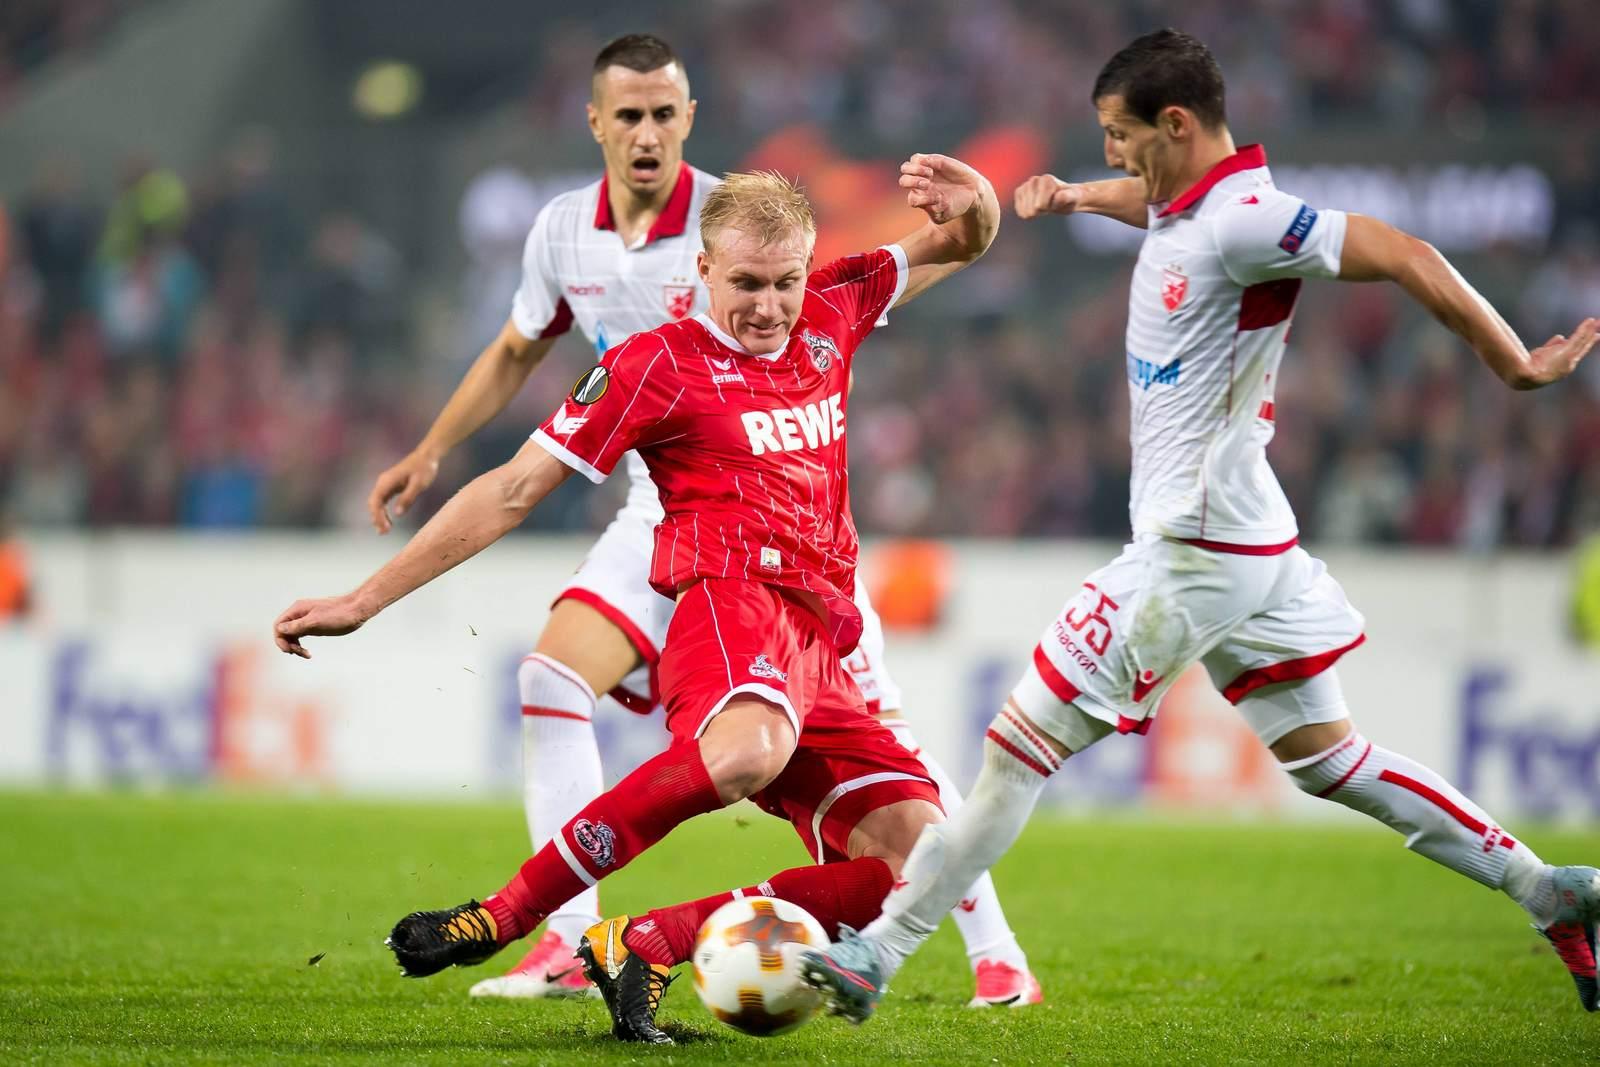 Frederik Sörensen im Duell mit Slavoljub Srnic. Jetzt auf die Partie Köln gegen Roter Stern Belgrad wetten